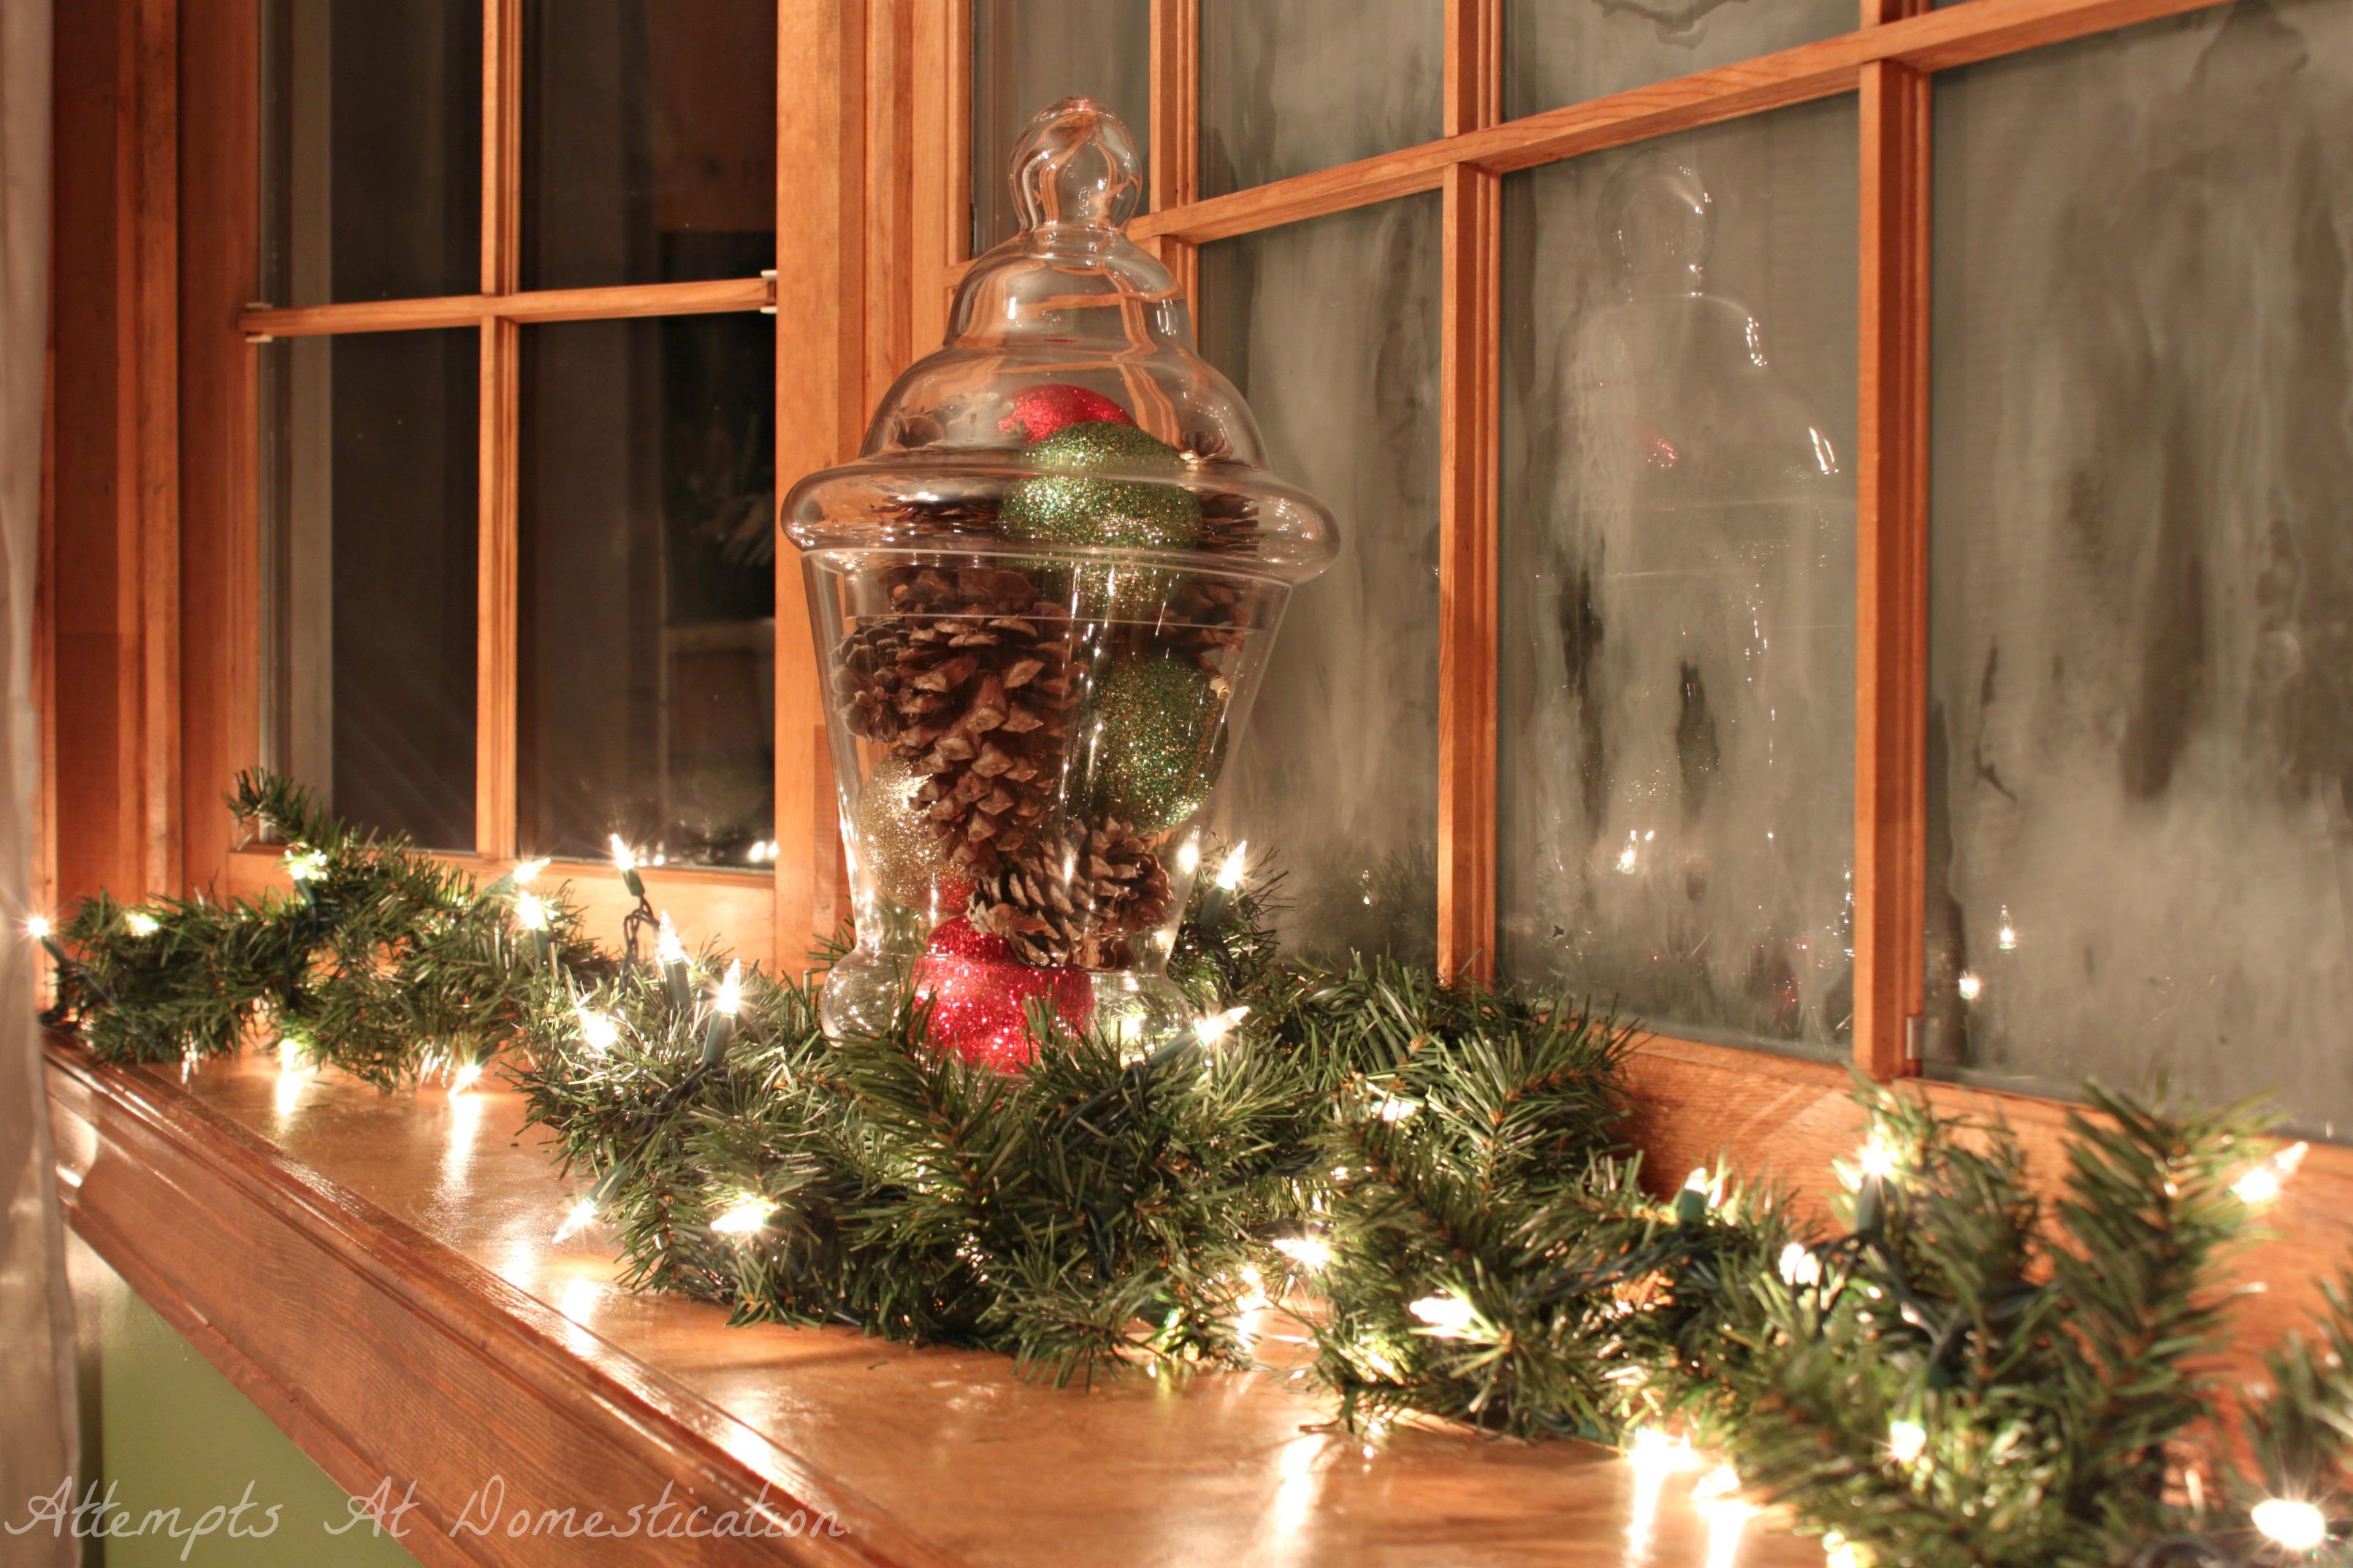 0203-ideias-decorar-janelas-neste-natal